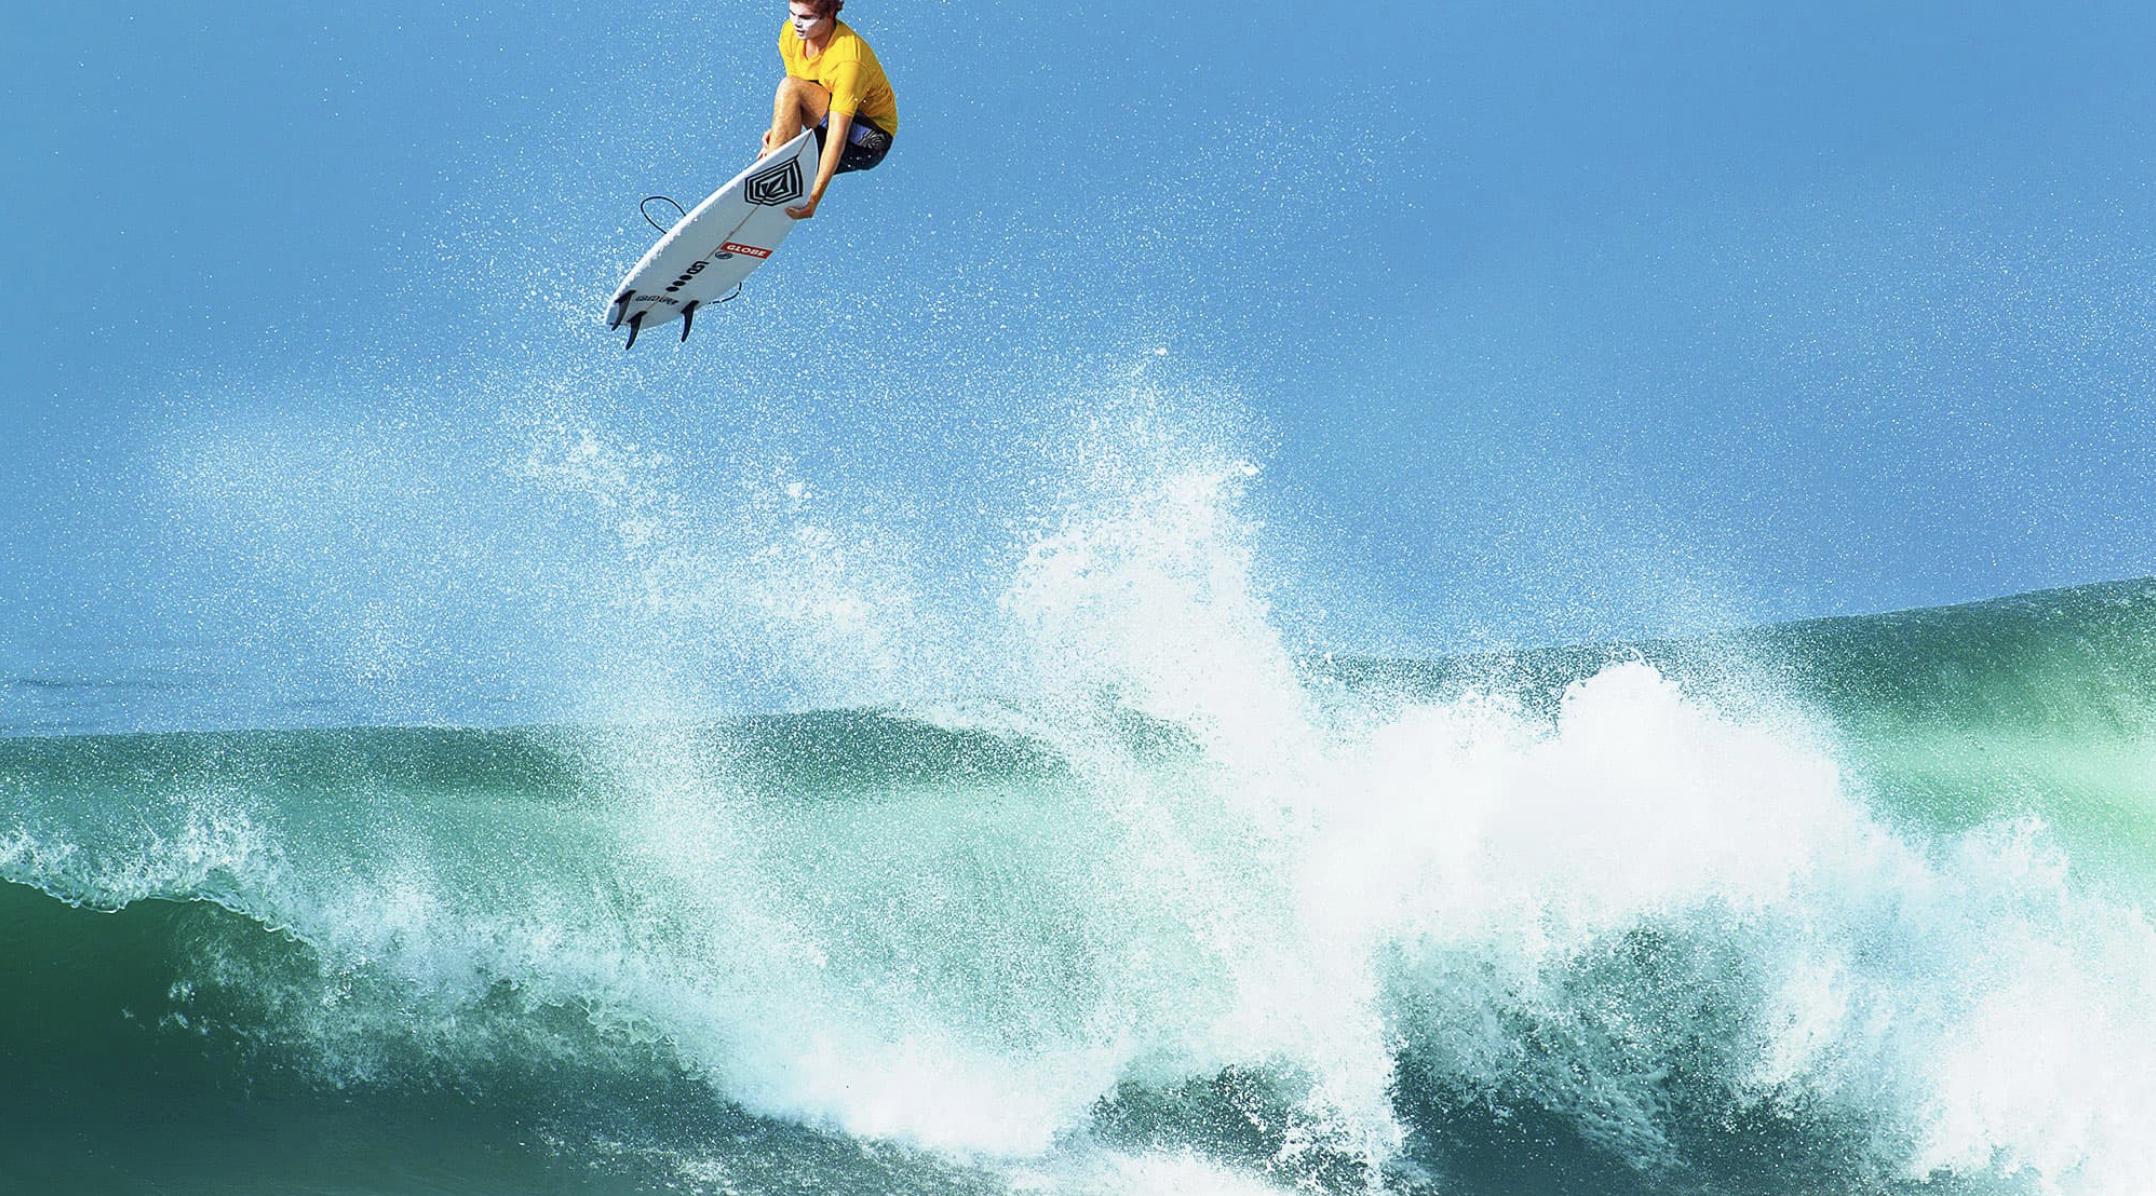 Noa Deane Volcom Mikey Mallalieu MALLMIC Project Ru Bu 994 Surfing